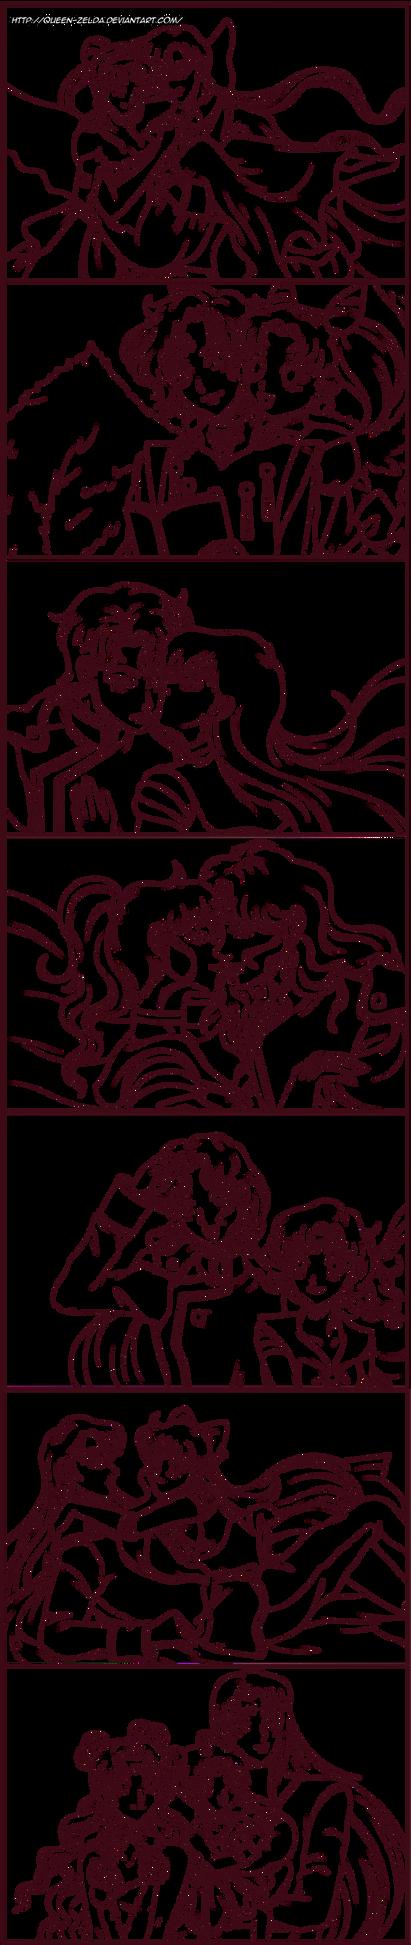 Crescent love by Queen-Zelda